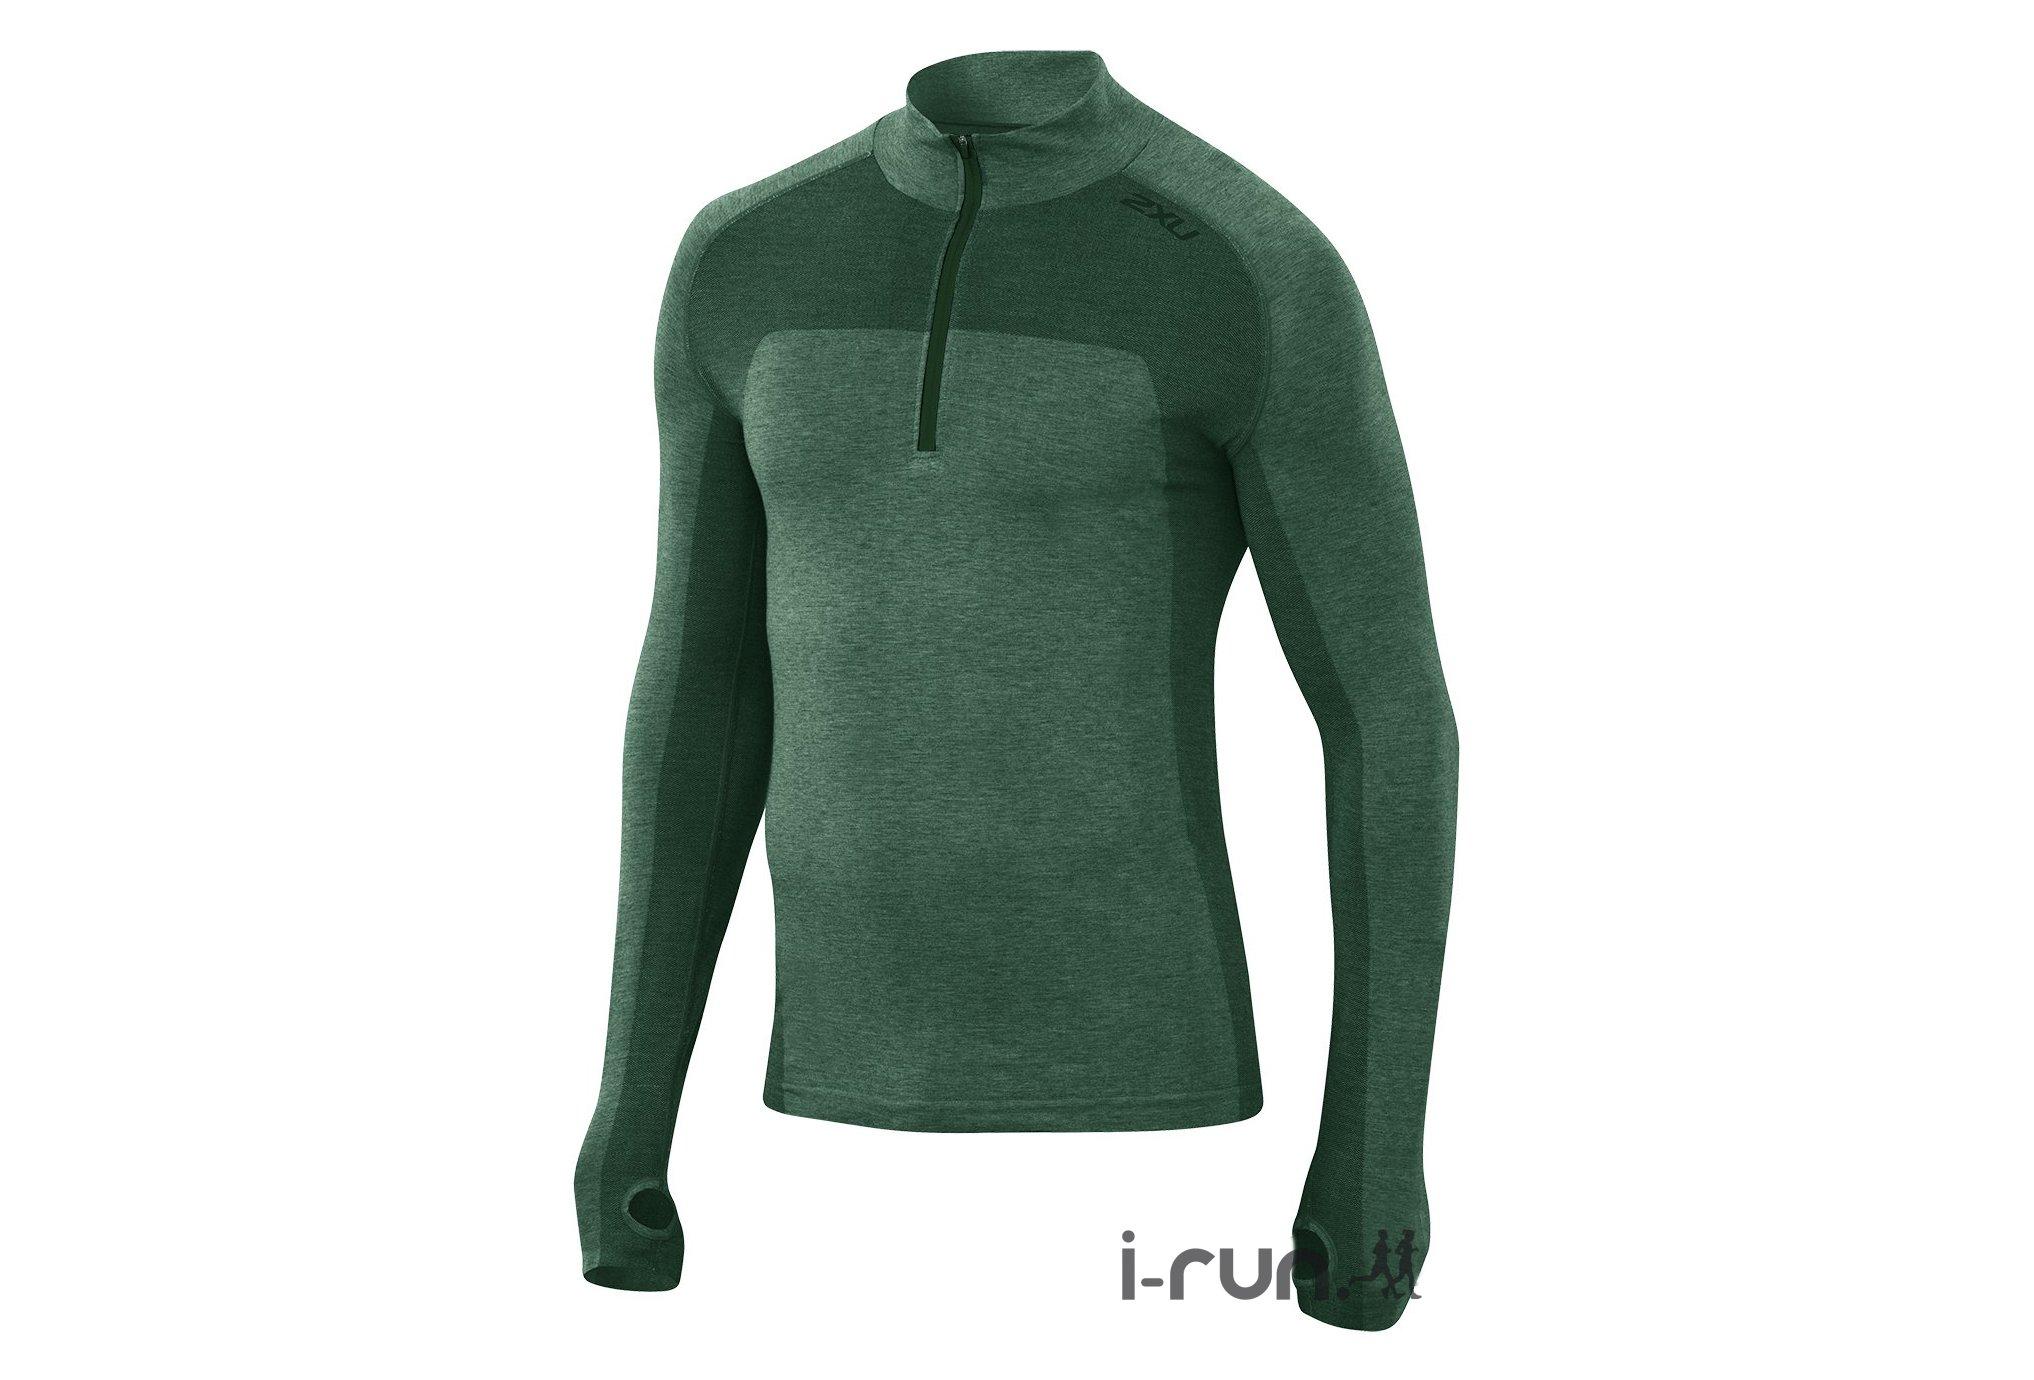 2xu Maillot movement engineered m vêtement running homme